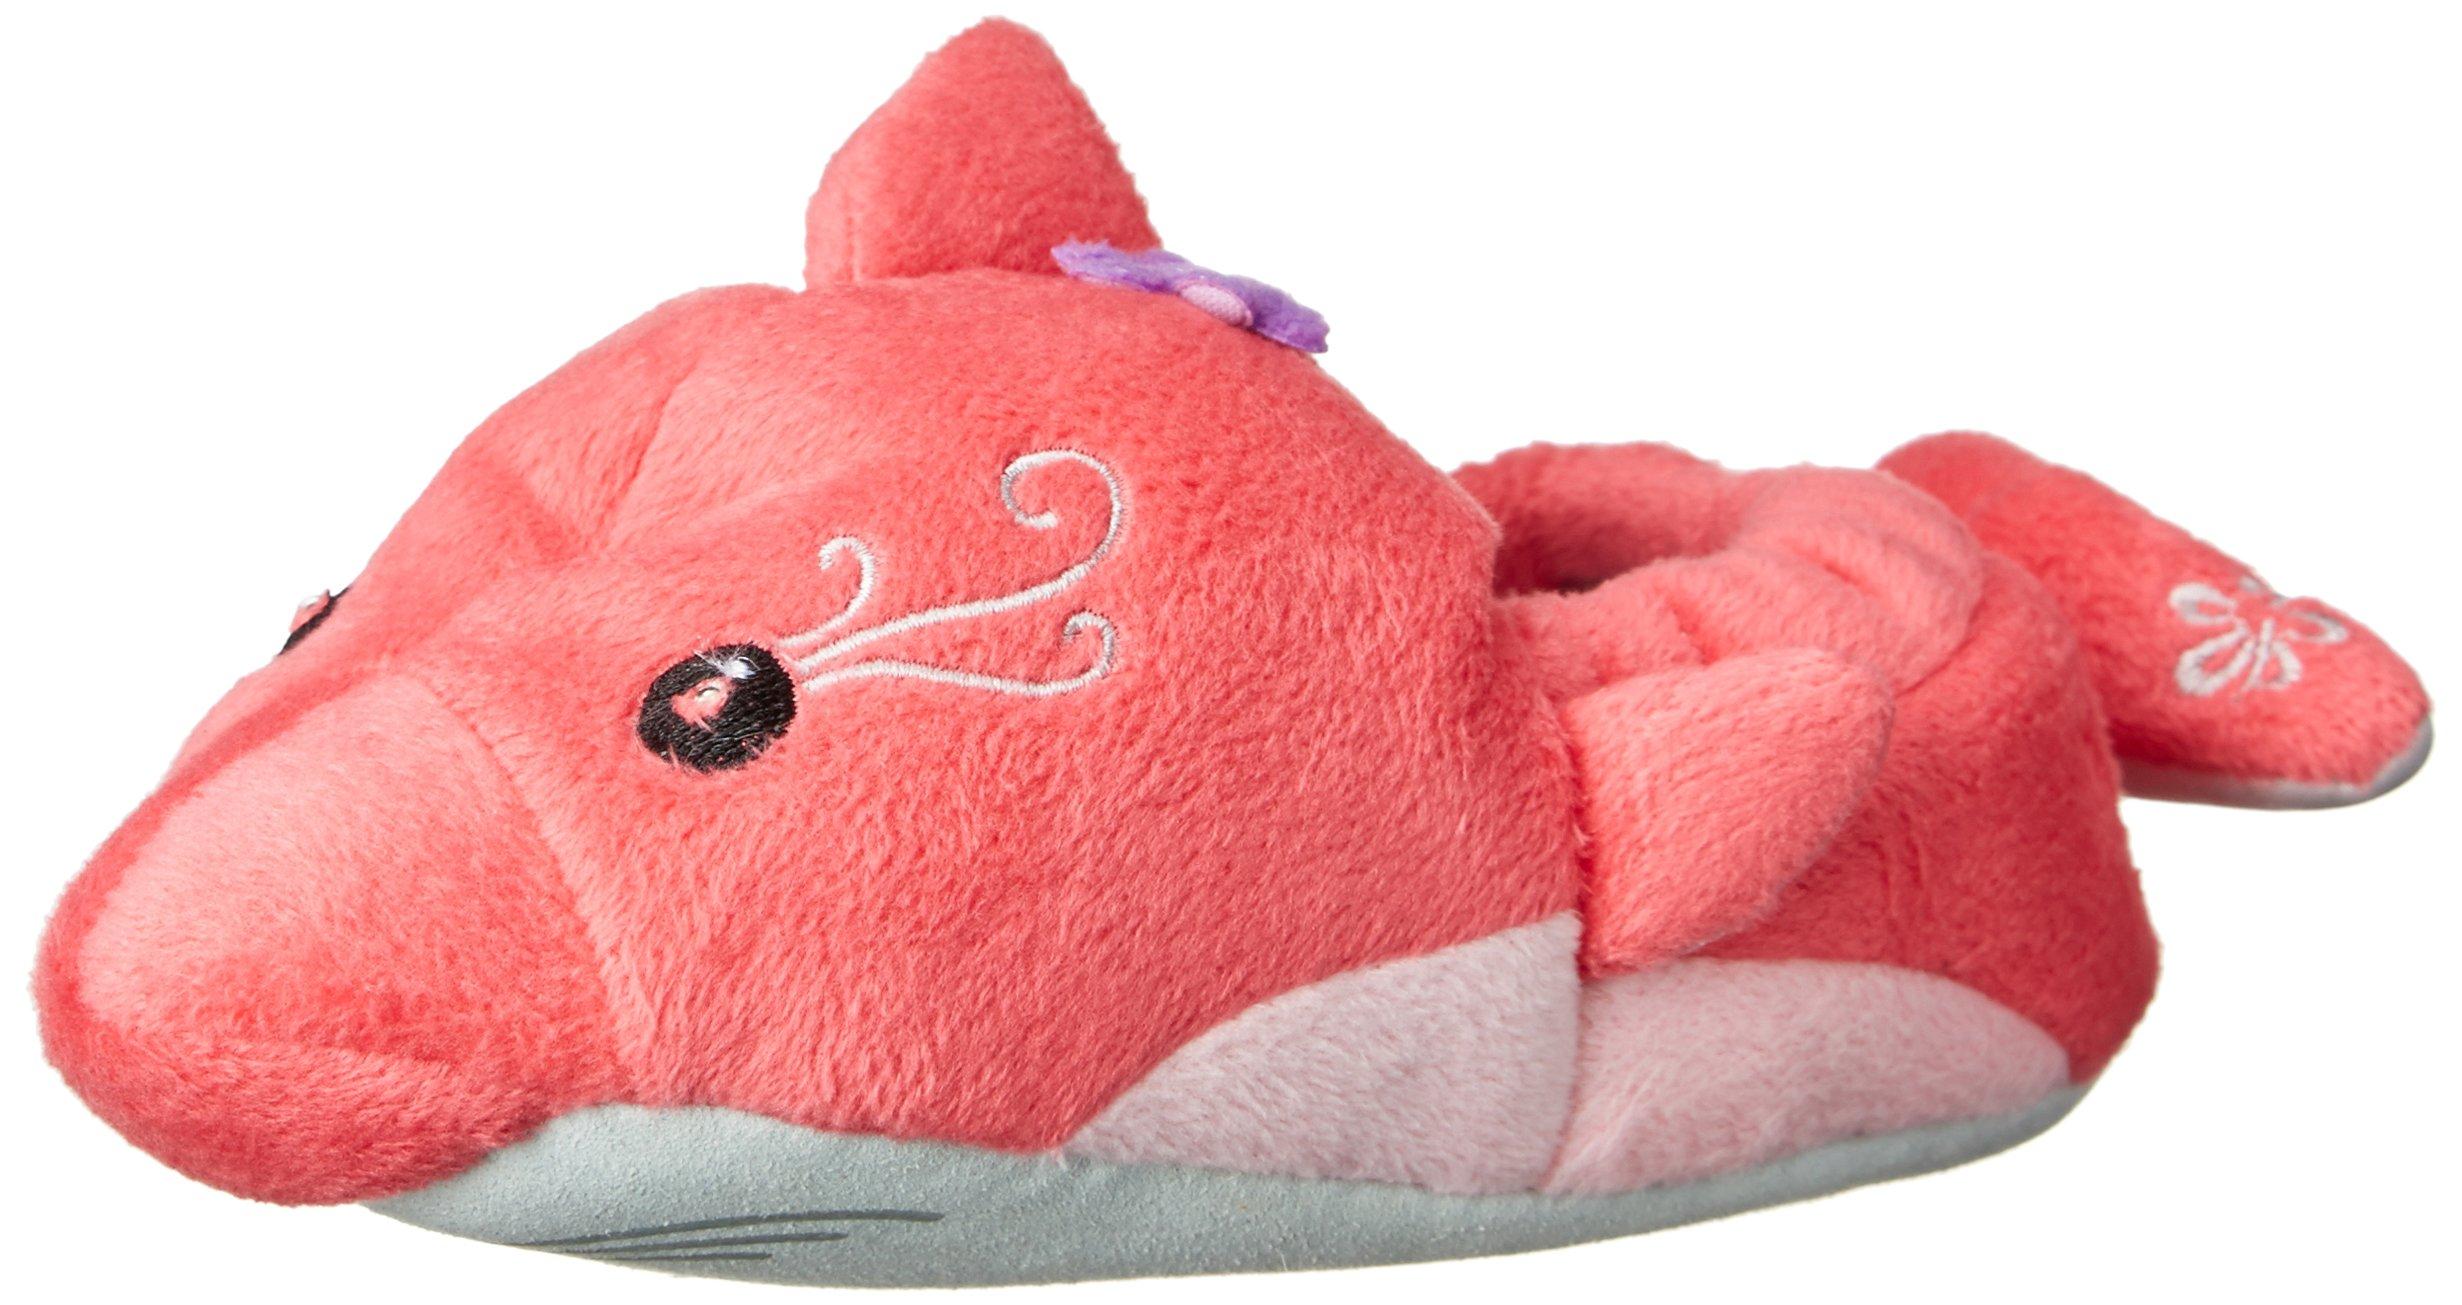 Stride Rite Girl's Light-Up Dolphin Slipper, Pink, 11/12